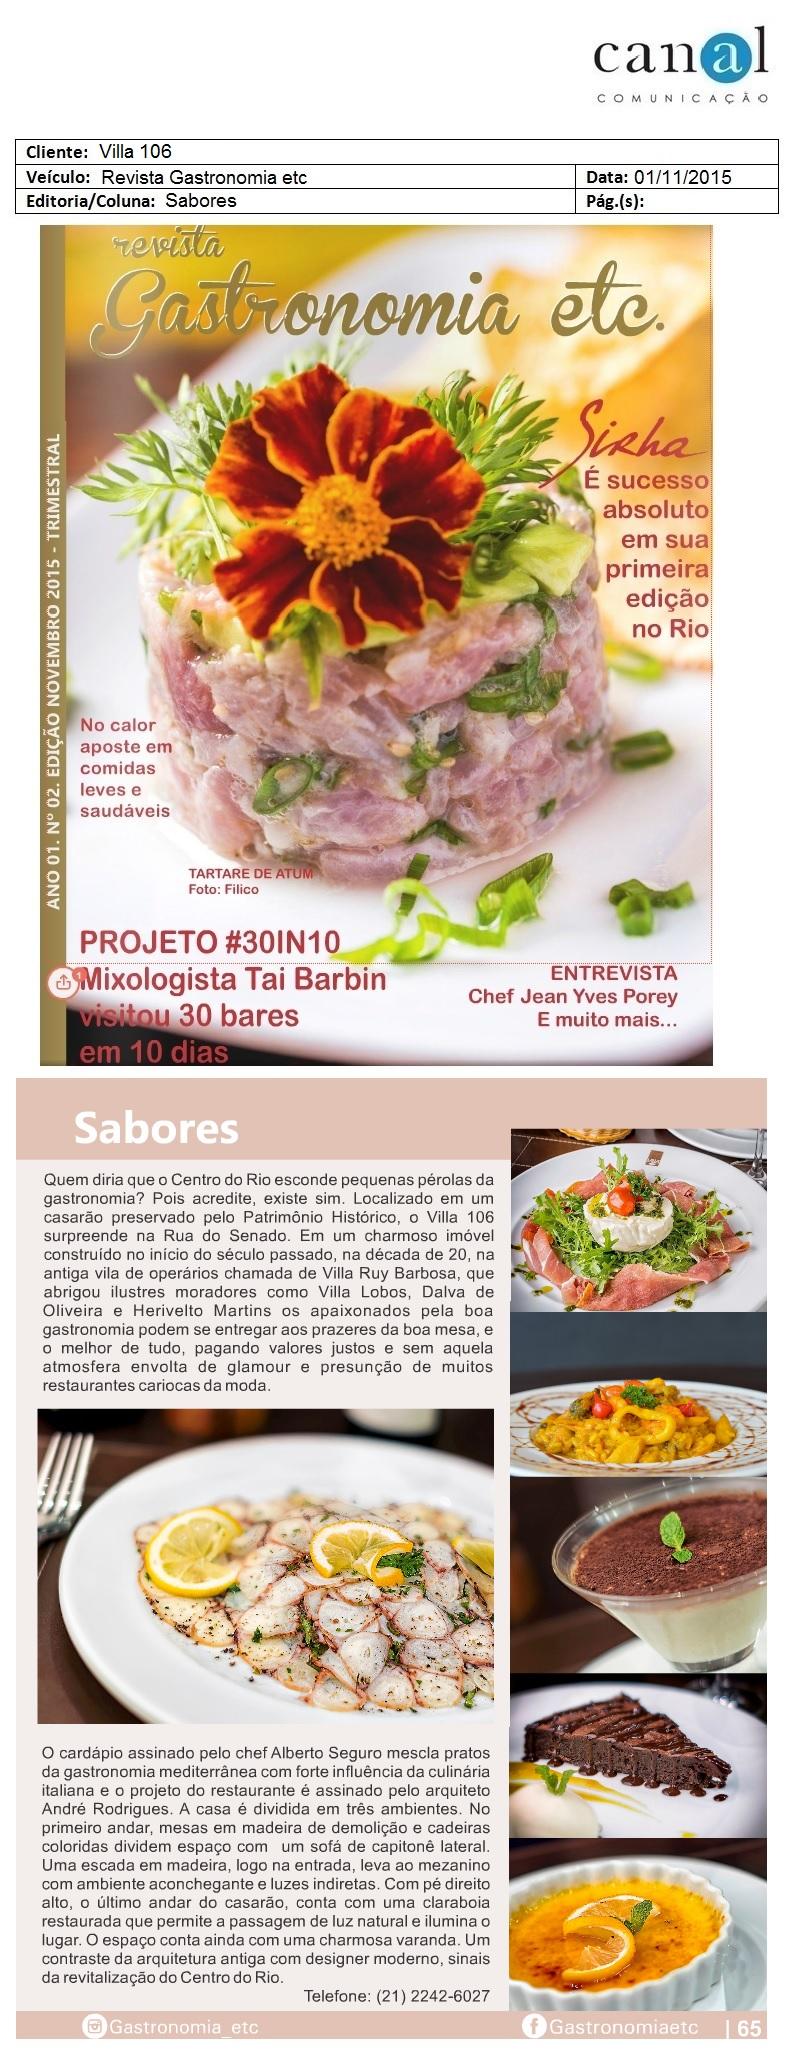 Villa-106_Revista-Gastronomia-Etc_Sabores_01-11-2015